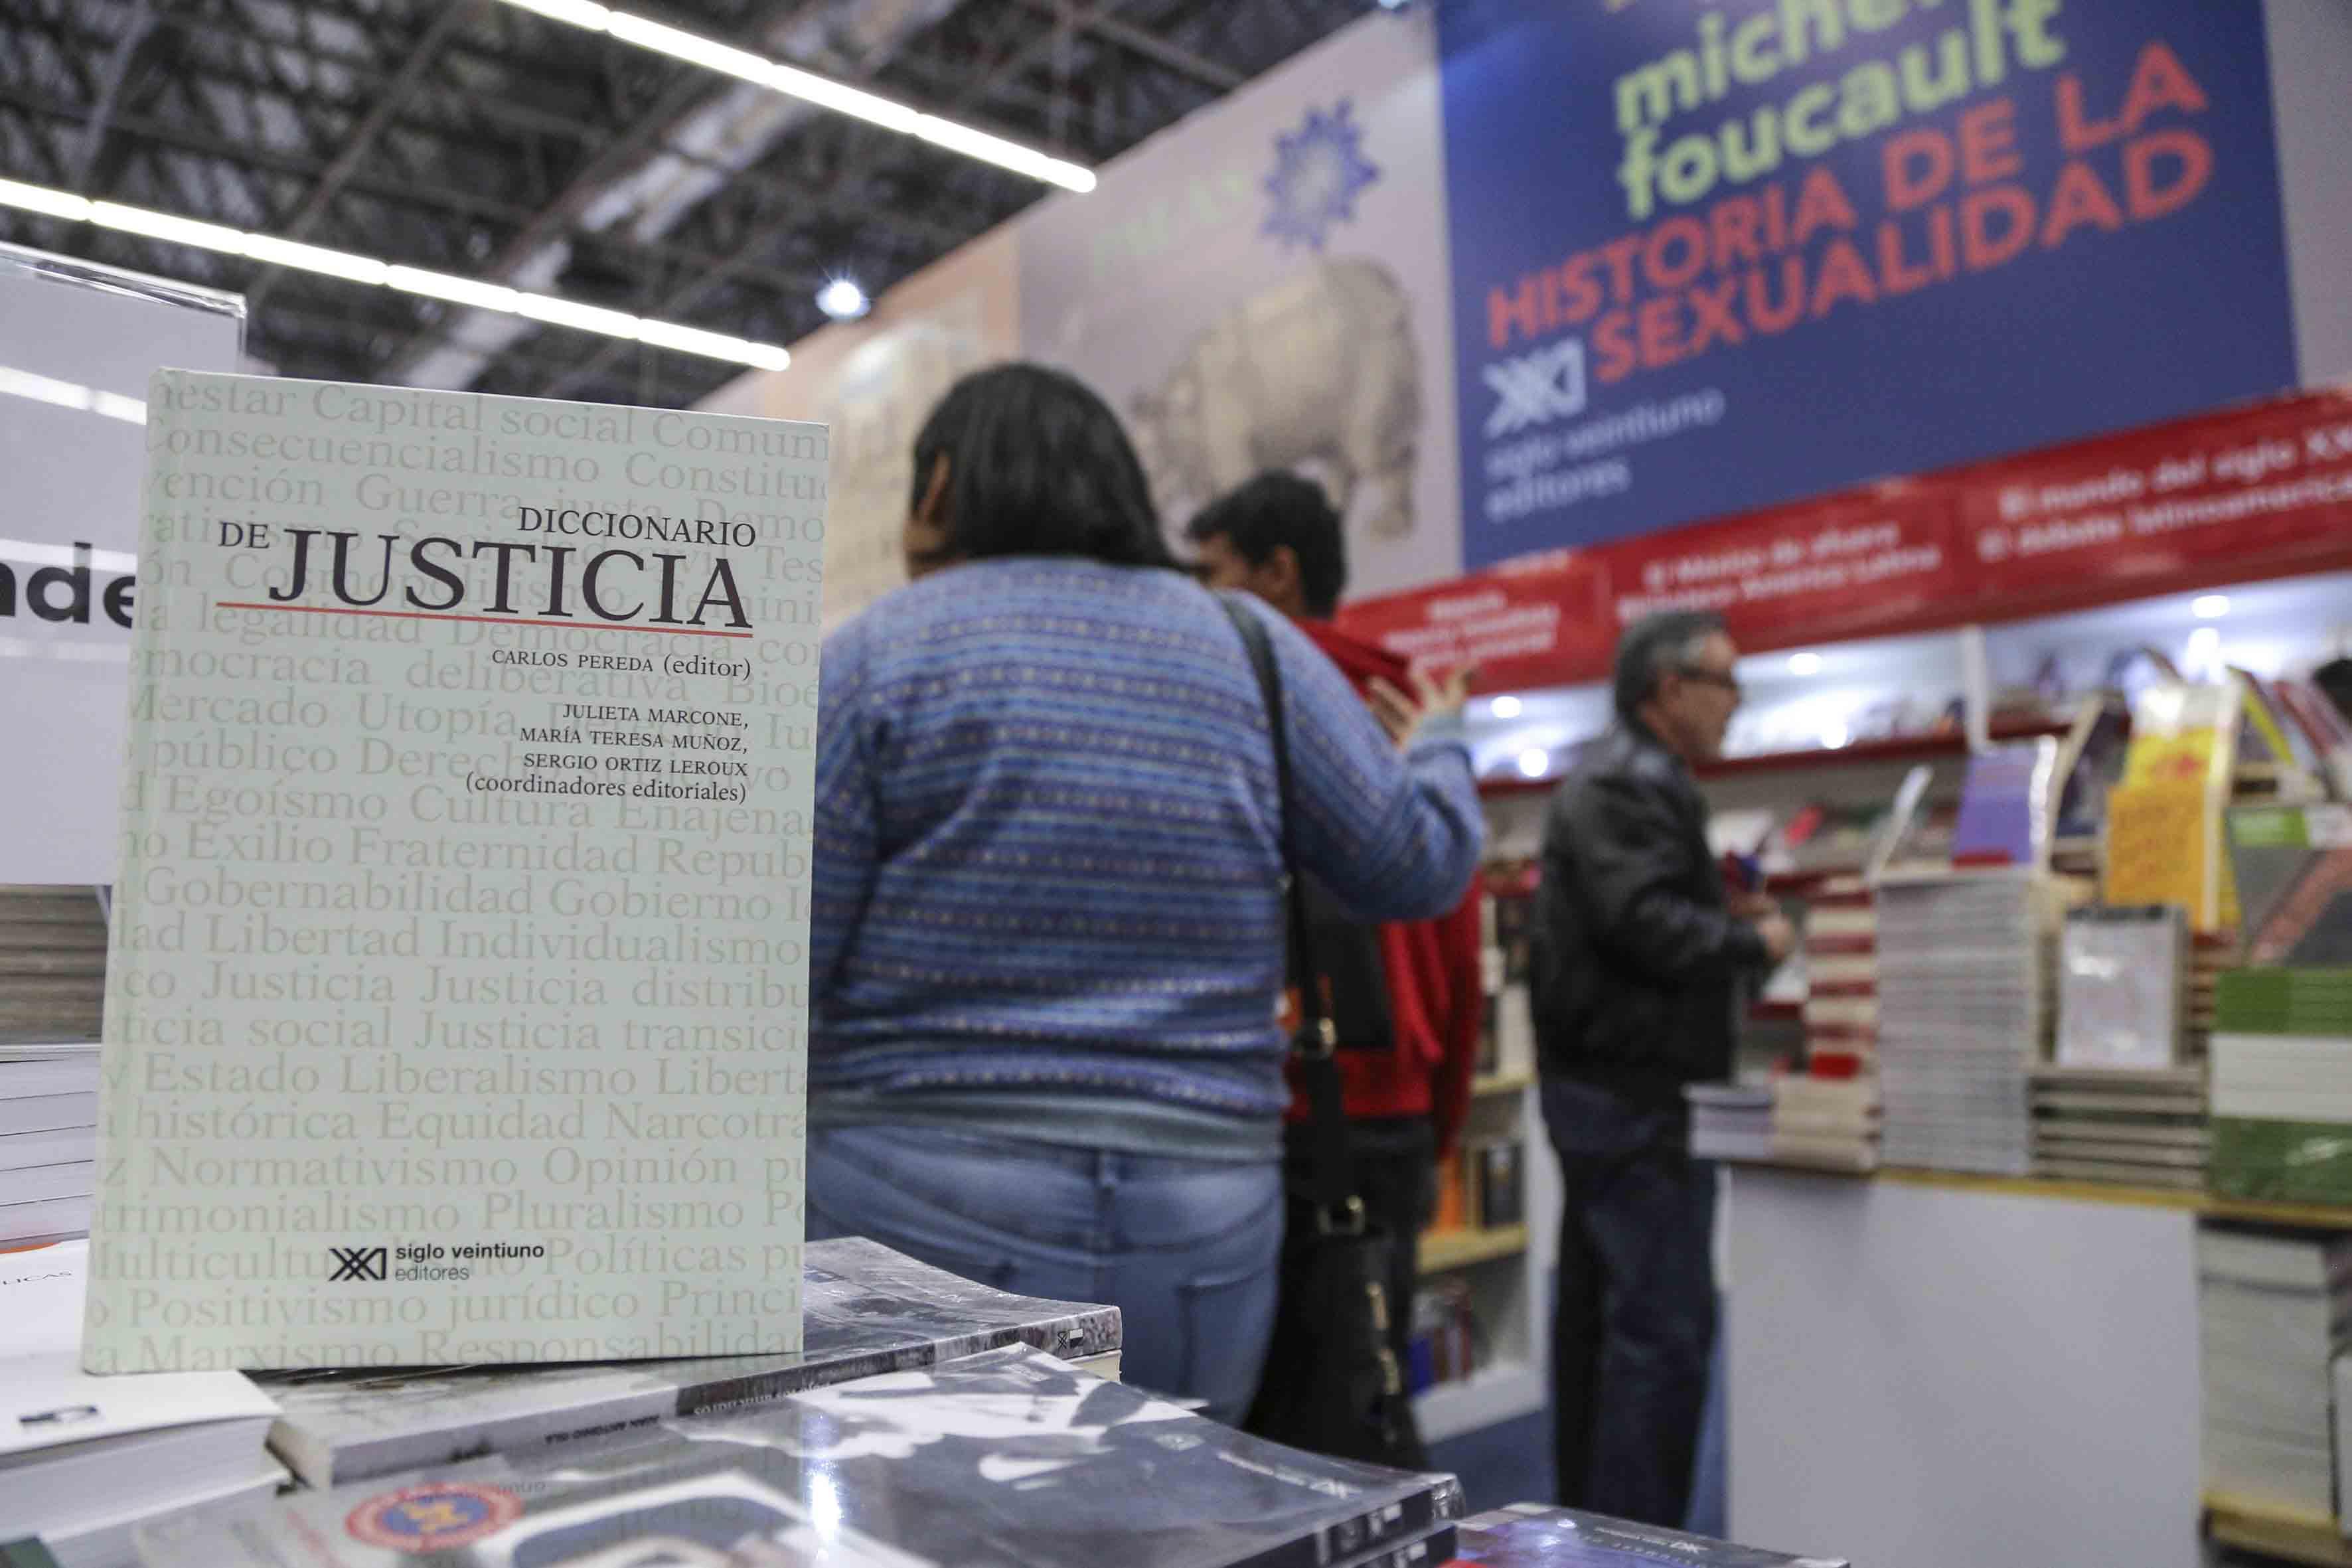 Portada del Diccionario de justicia, presentado en la FIL 2017